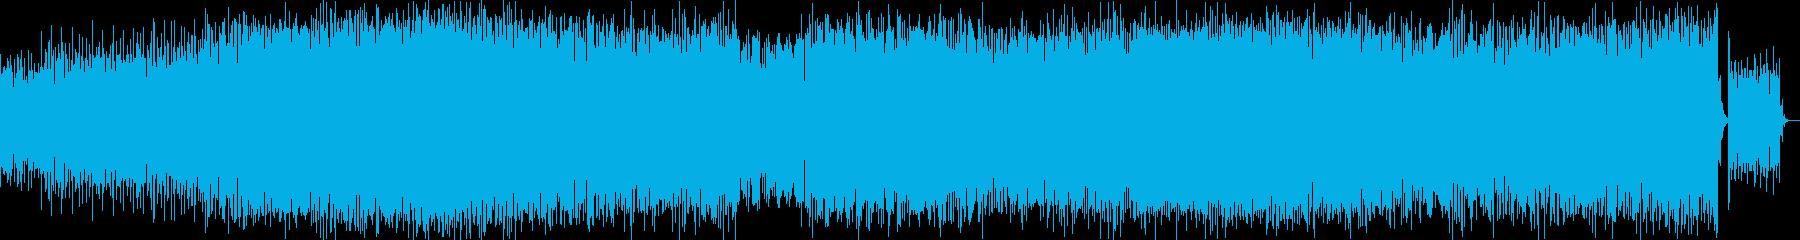 和太鼓を使った不気味なアシッドテクノの再生済みの波形